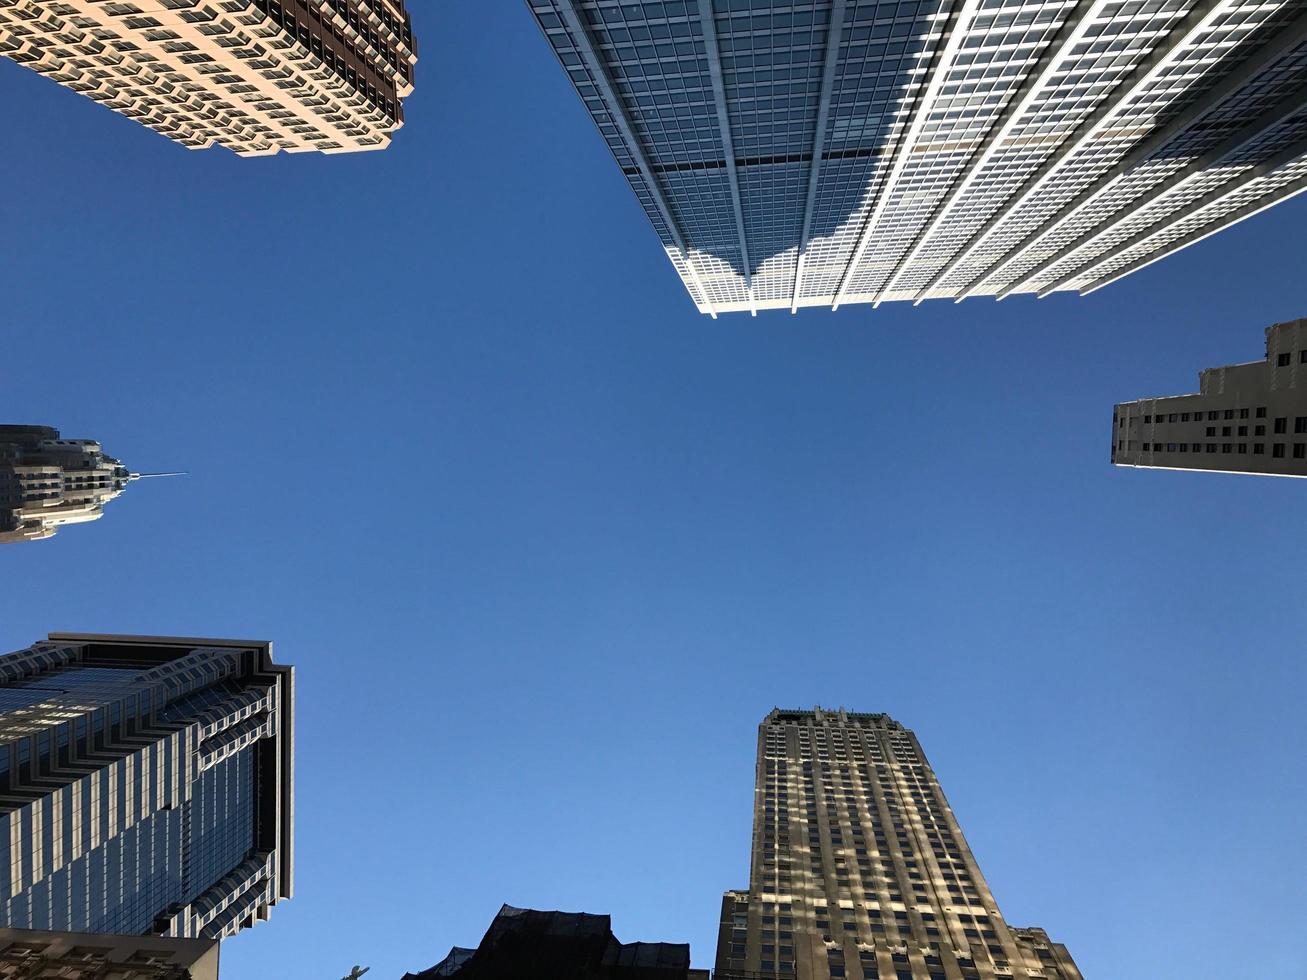 hoge gebouwen overdag foto